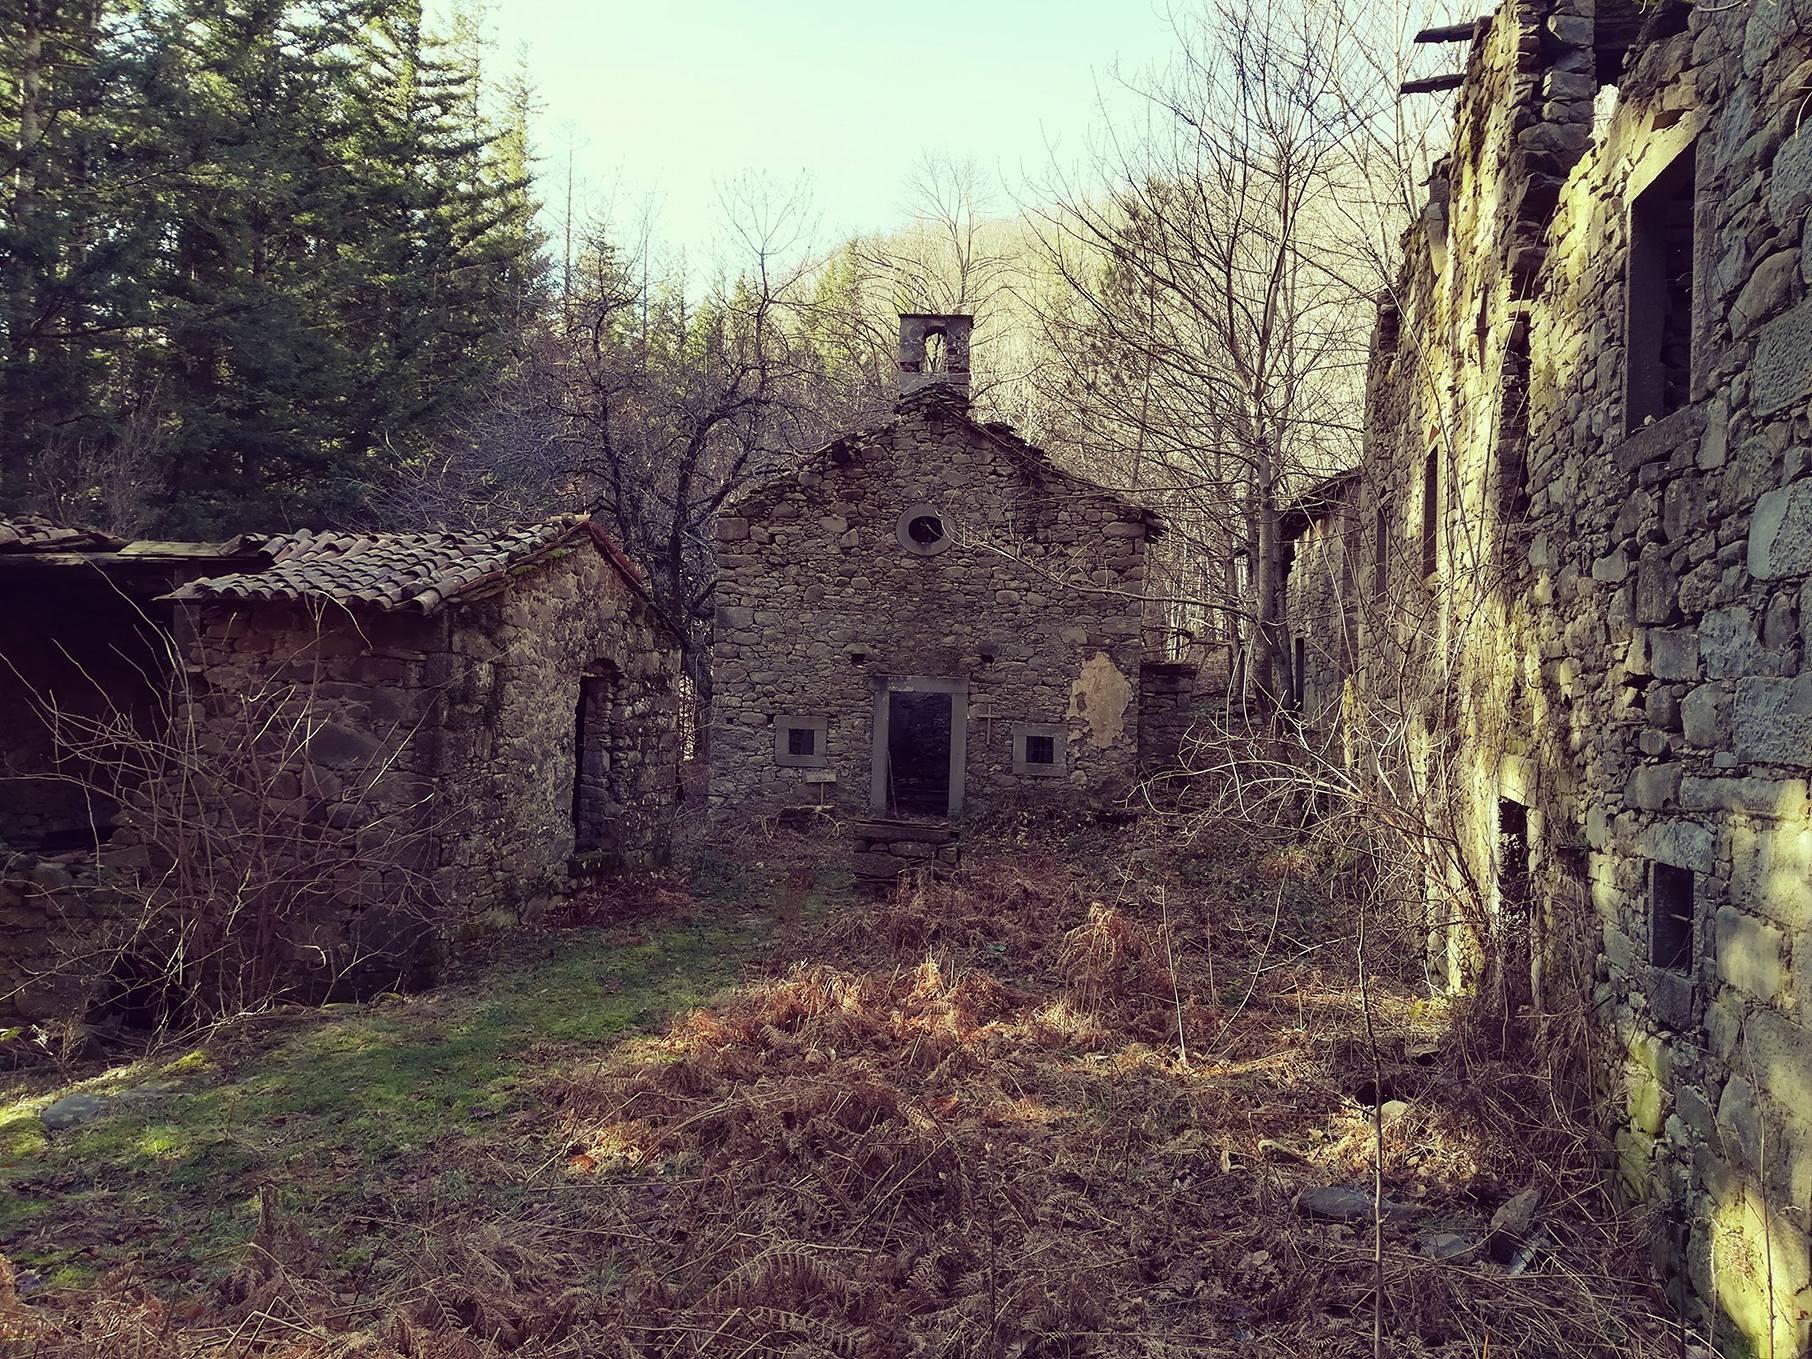 Il borgo fantasma di Bacchionero | I Rintronauti: due toscani in viaggio